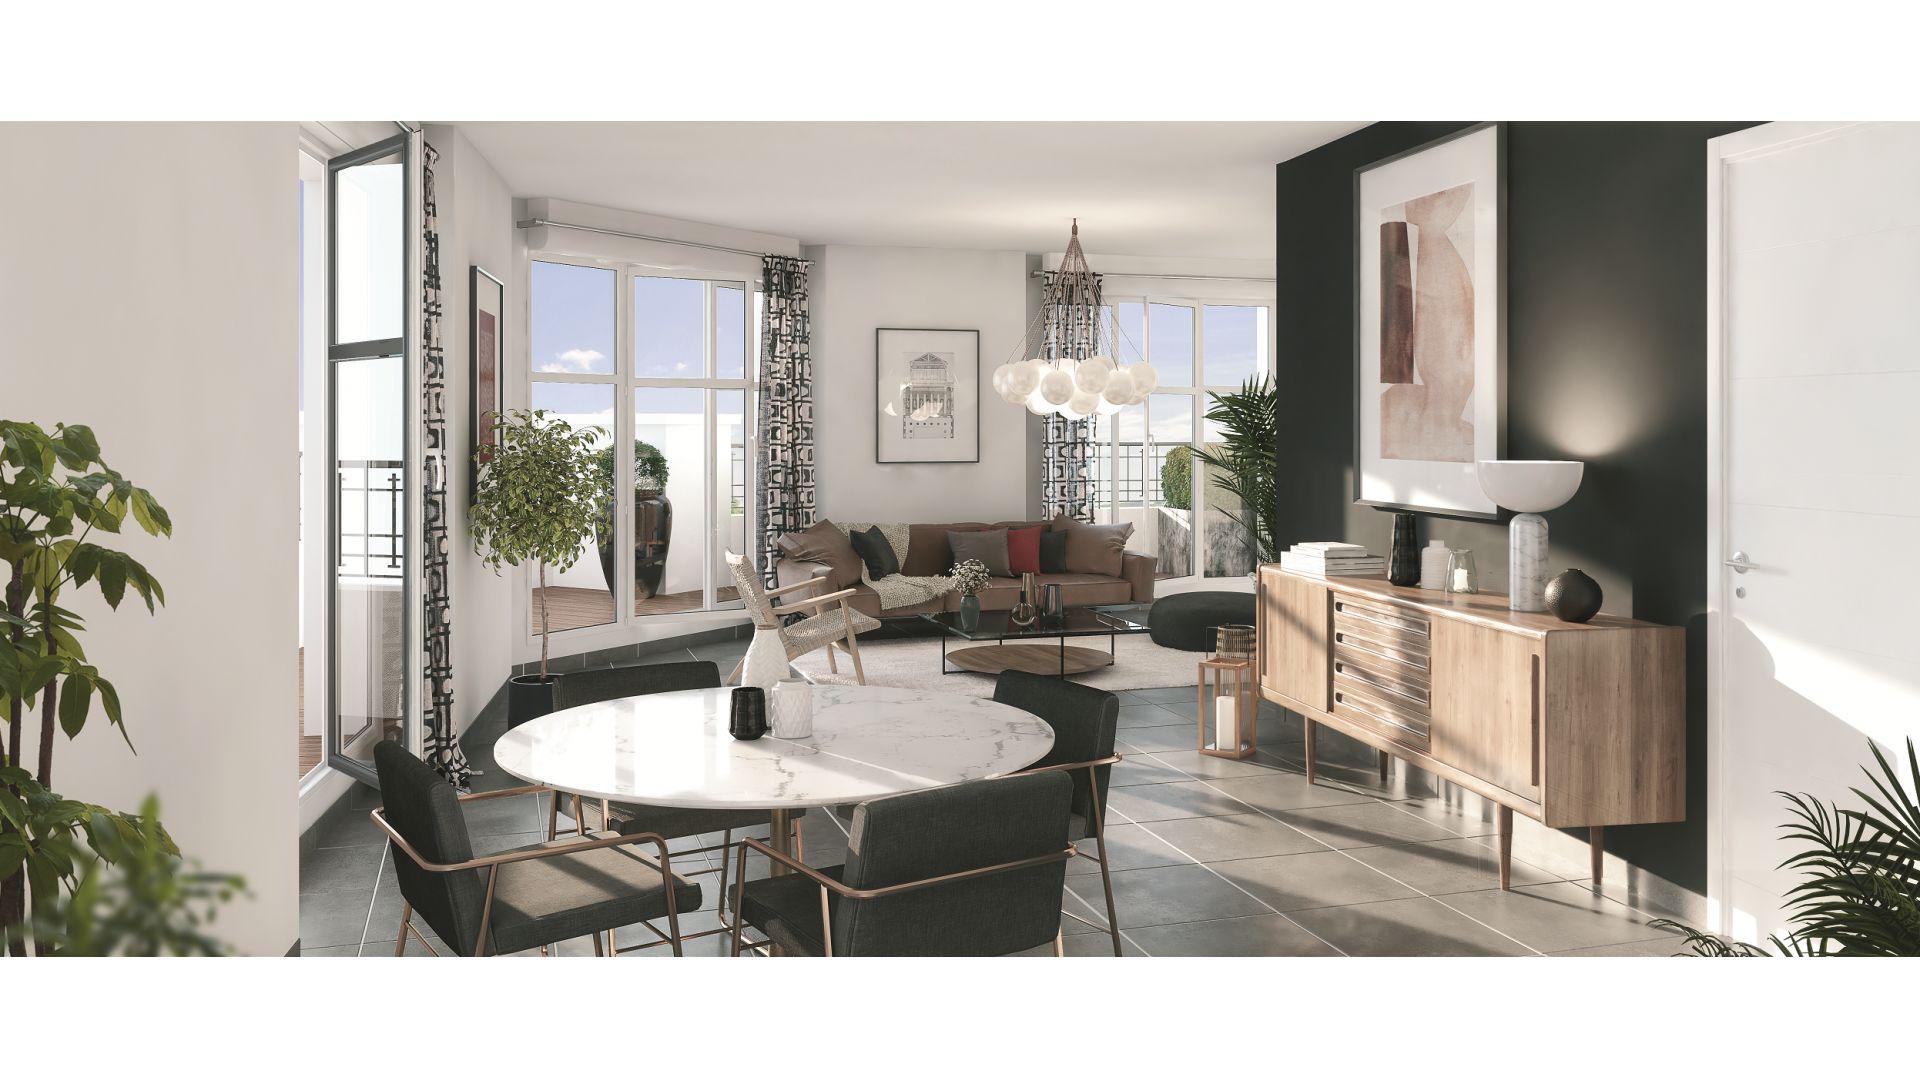 Greencity Immobilier - Résidence Le 122 Aéropostale - 93150 Le Blanc Mesnil - A vendre appartement du T1 bis au T4 Duplex - vue inérieure